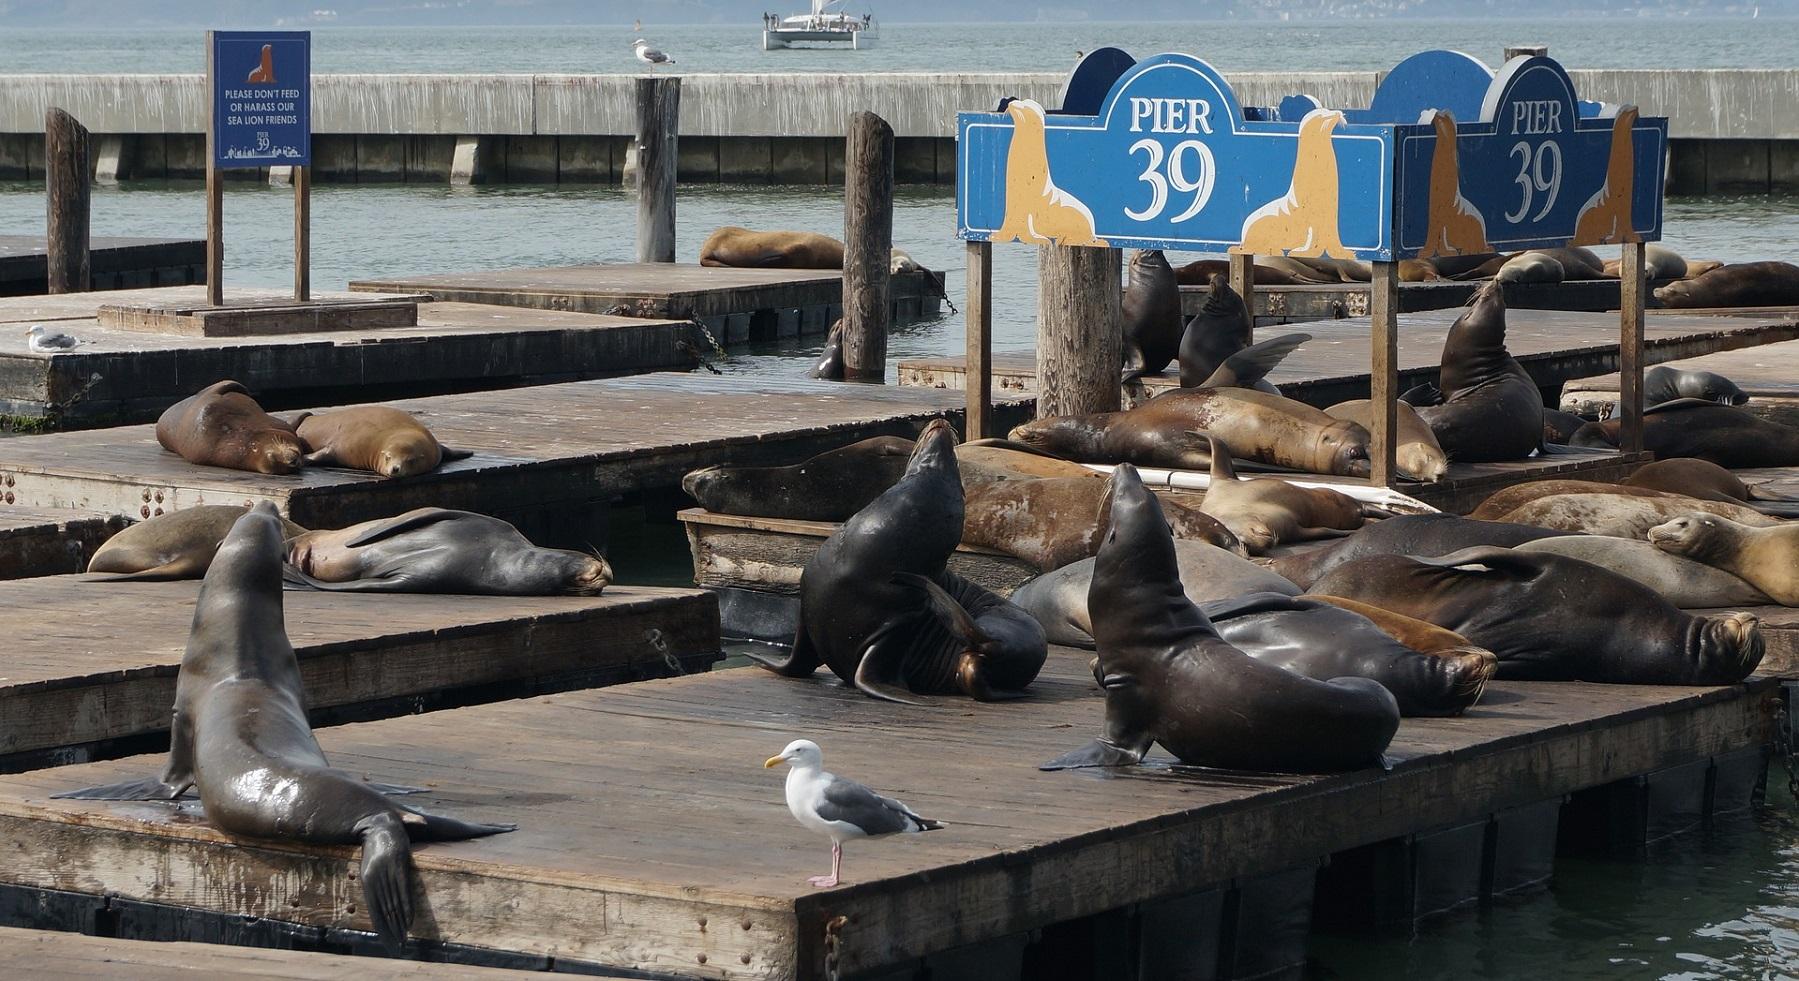 Foki na Pier 39